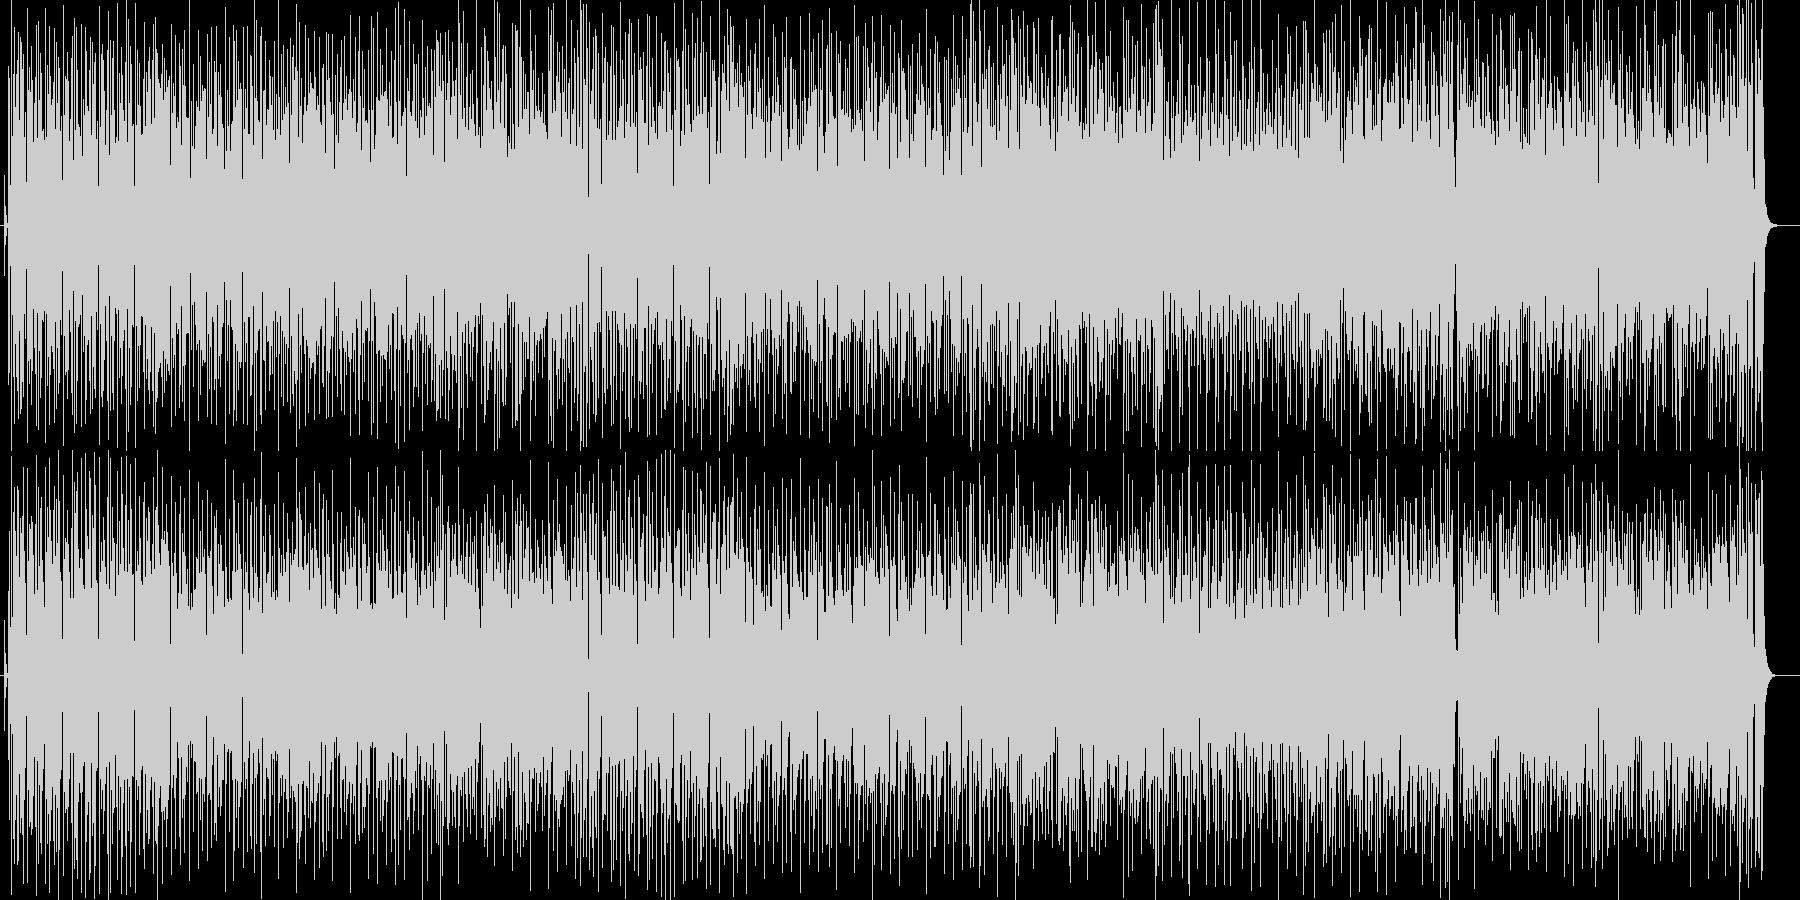 陽気なシンセ打楽器などの曲の未再生の波形